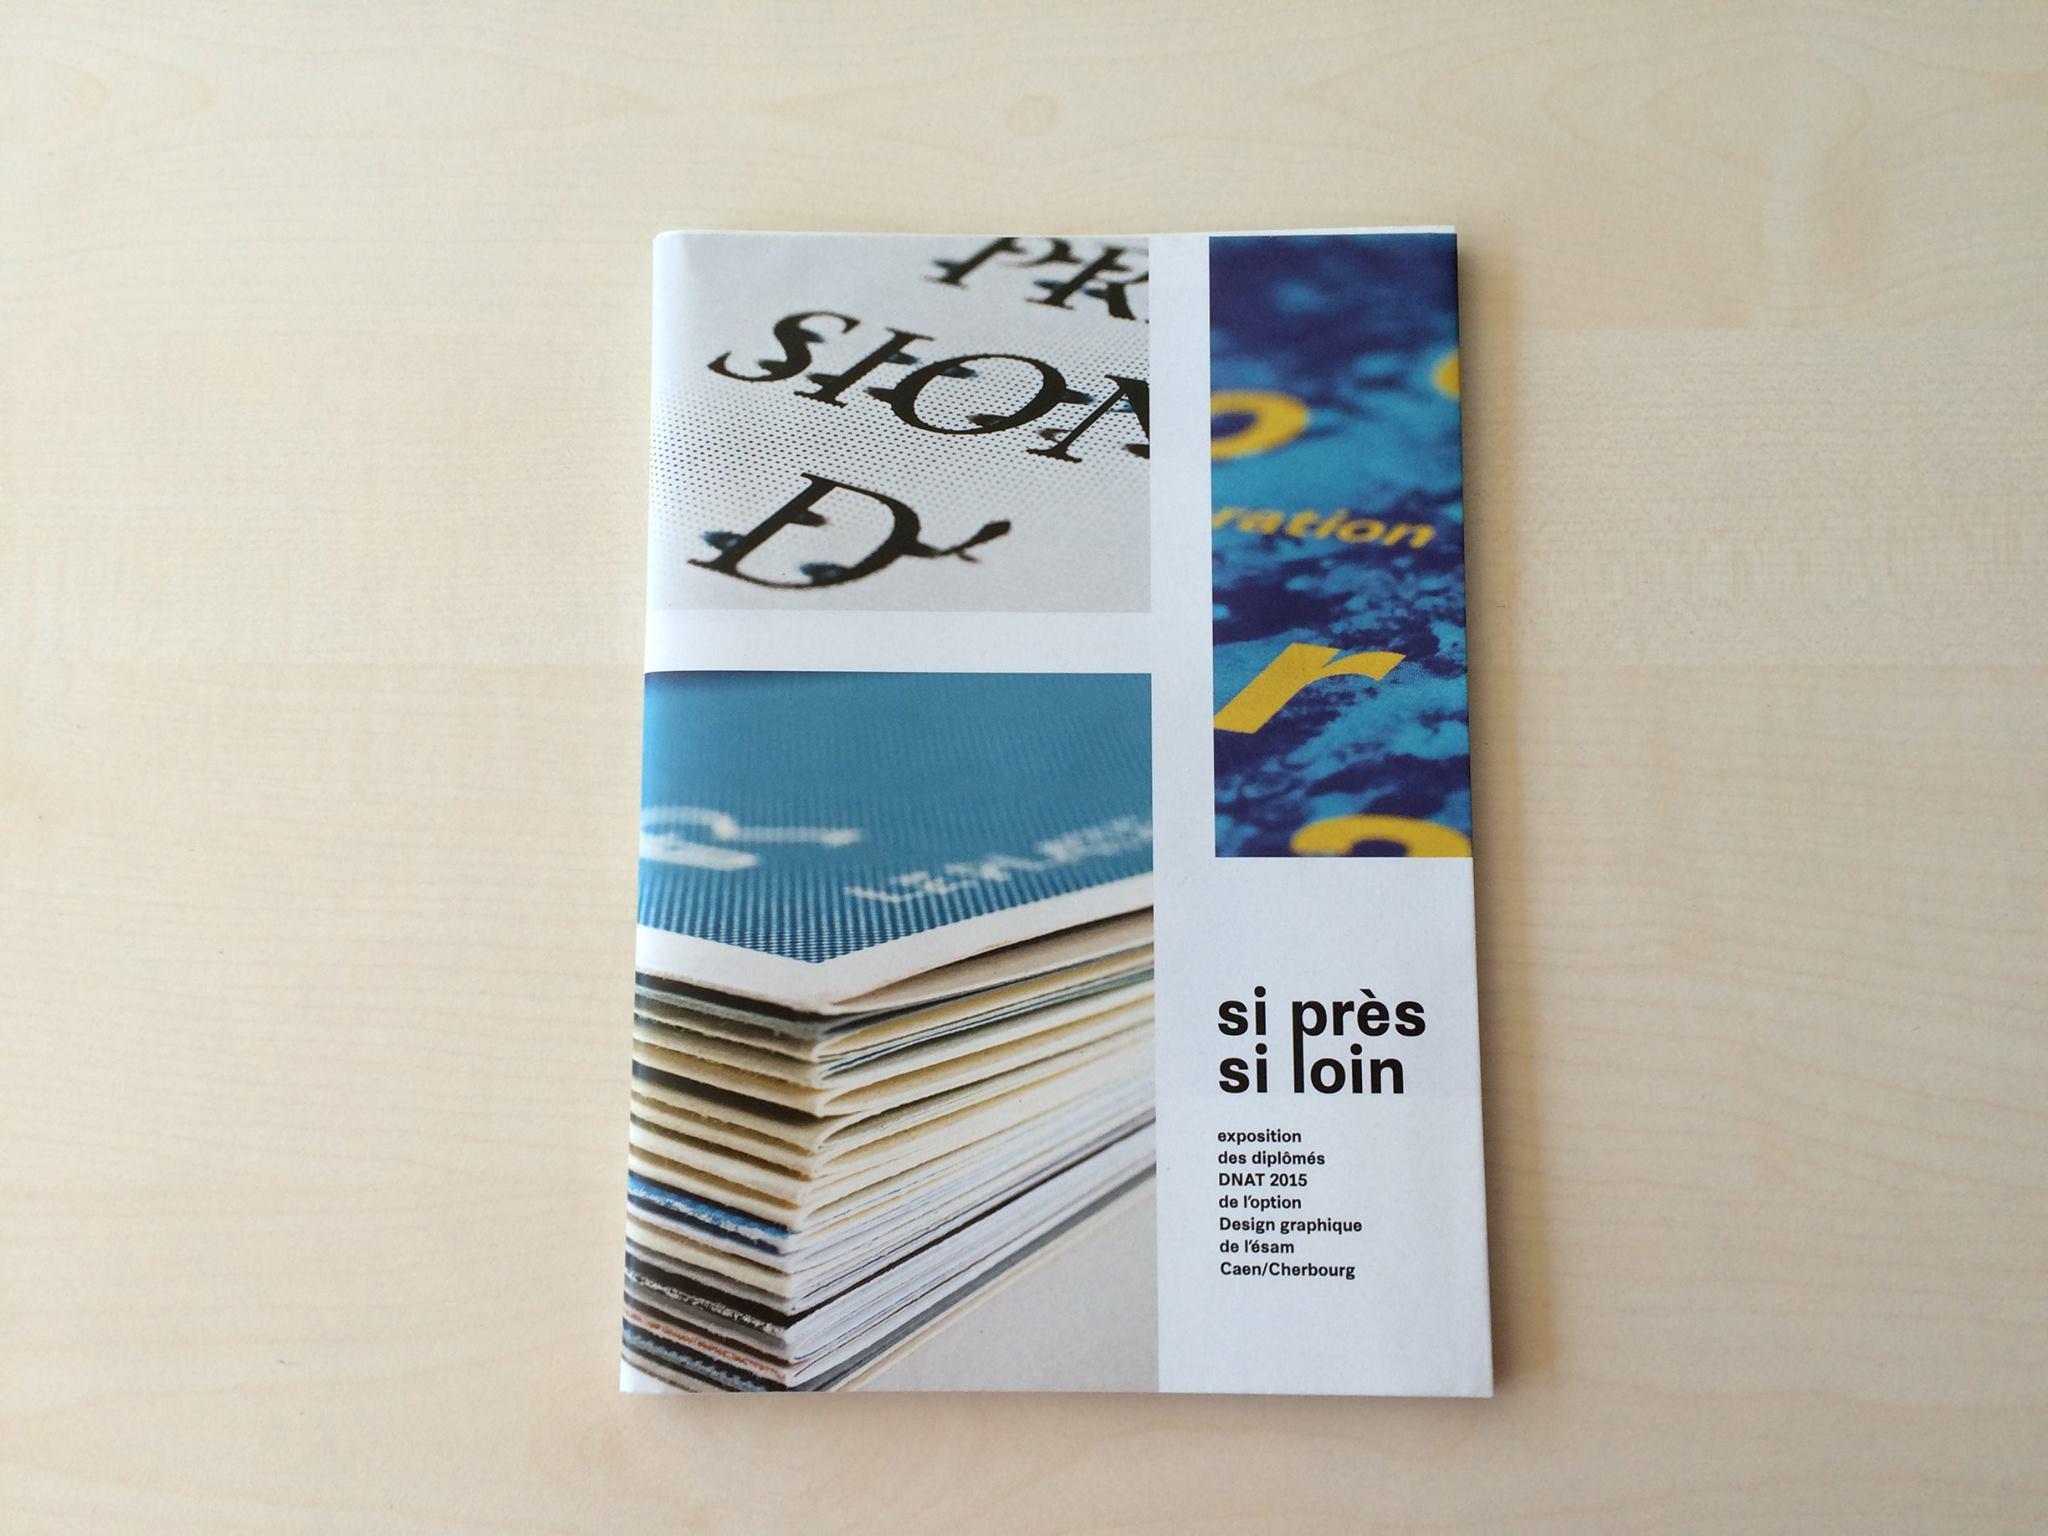 CatalogueJulietteHoefler_1